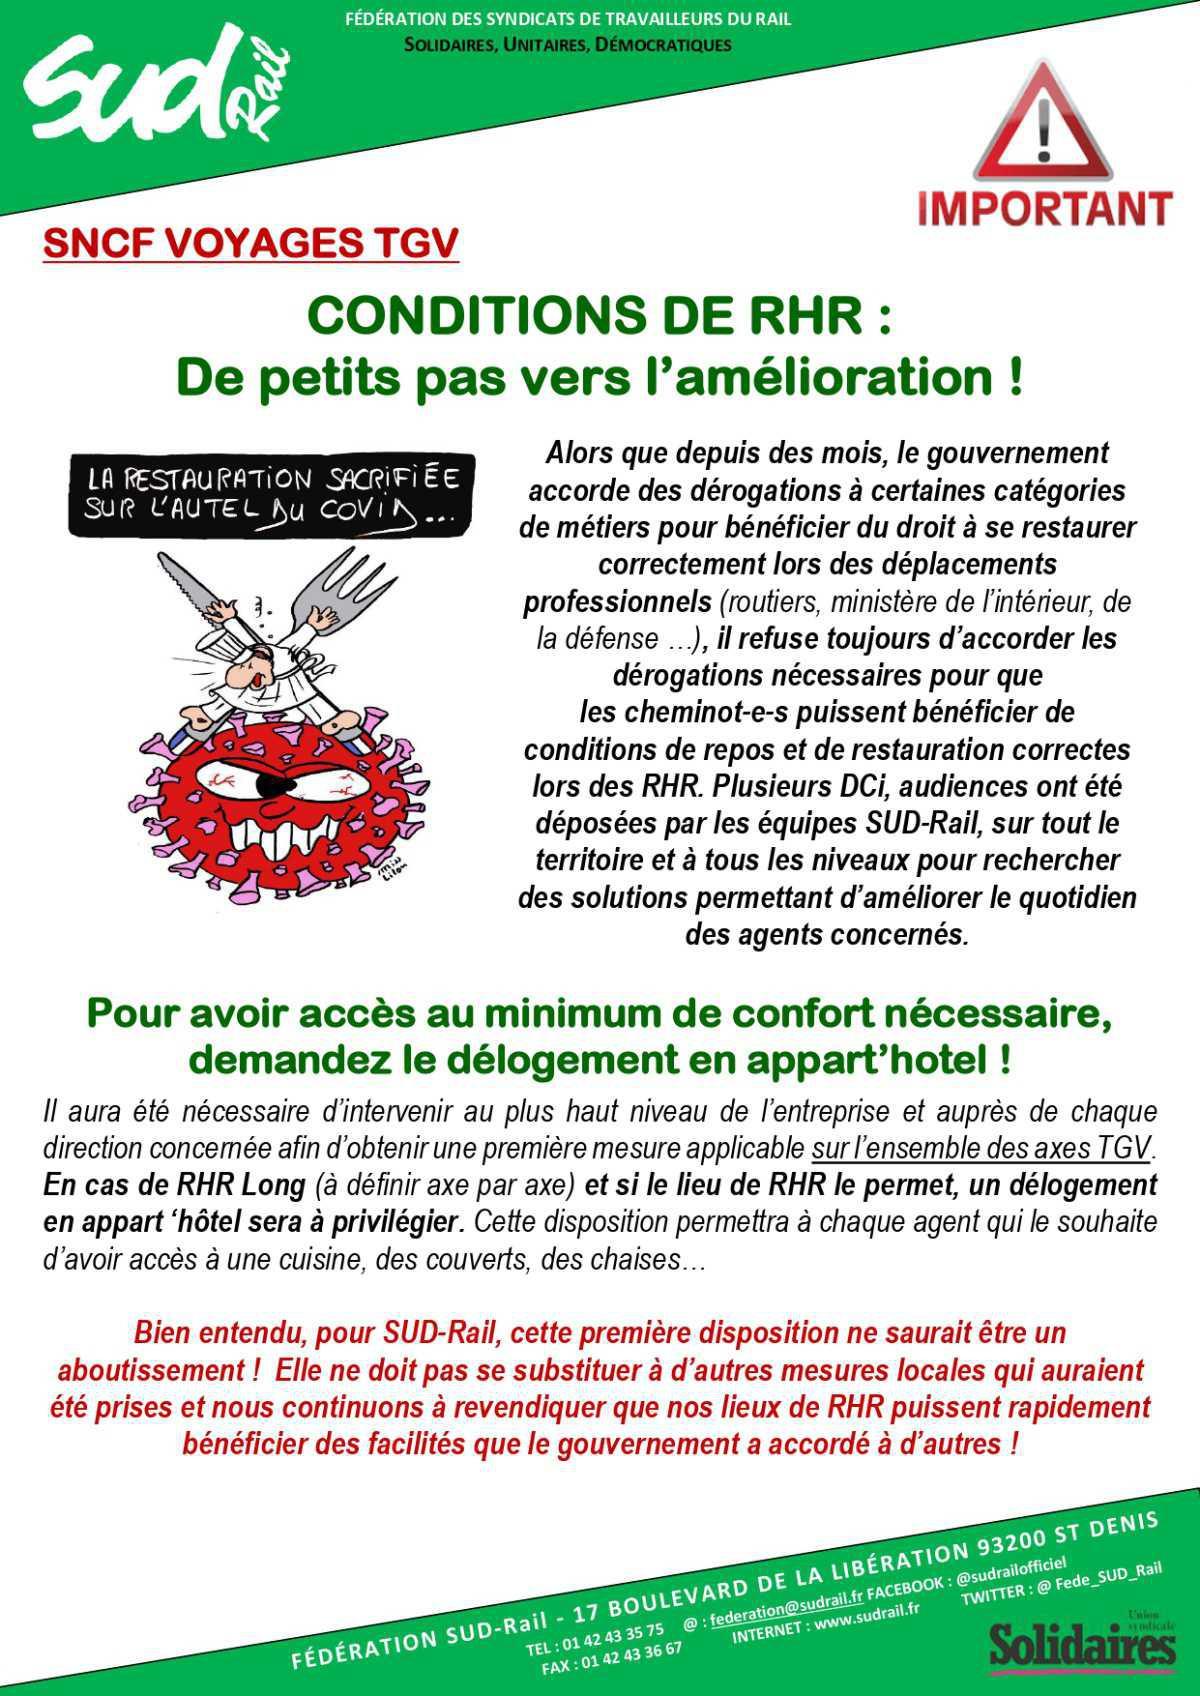 Conditions de RHR : De petits pas vers l'amélioration !